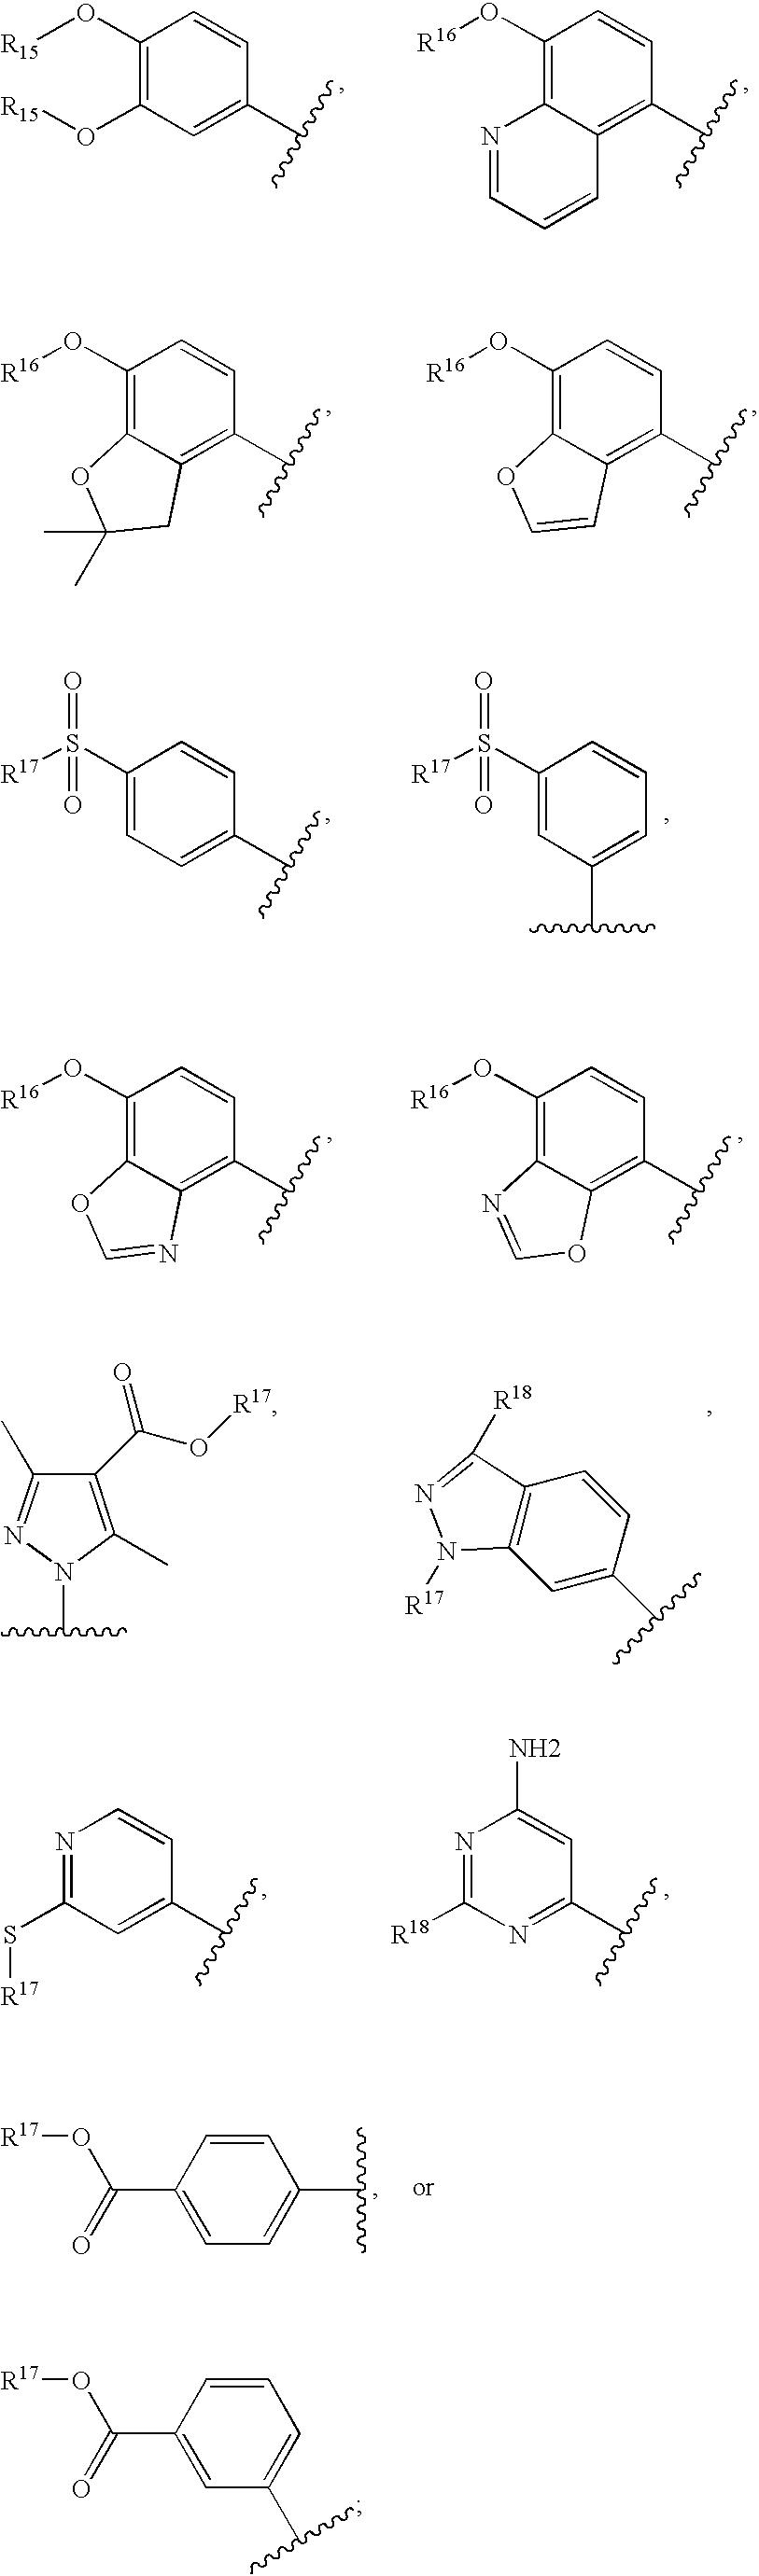 Figure US07605168-20091020-C00009